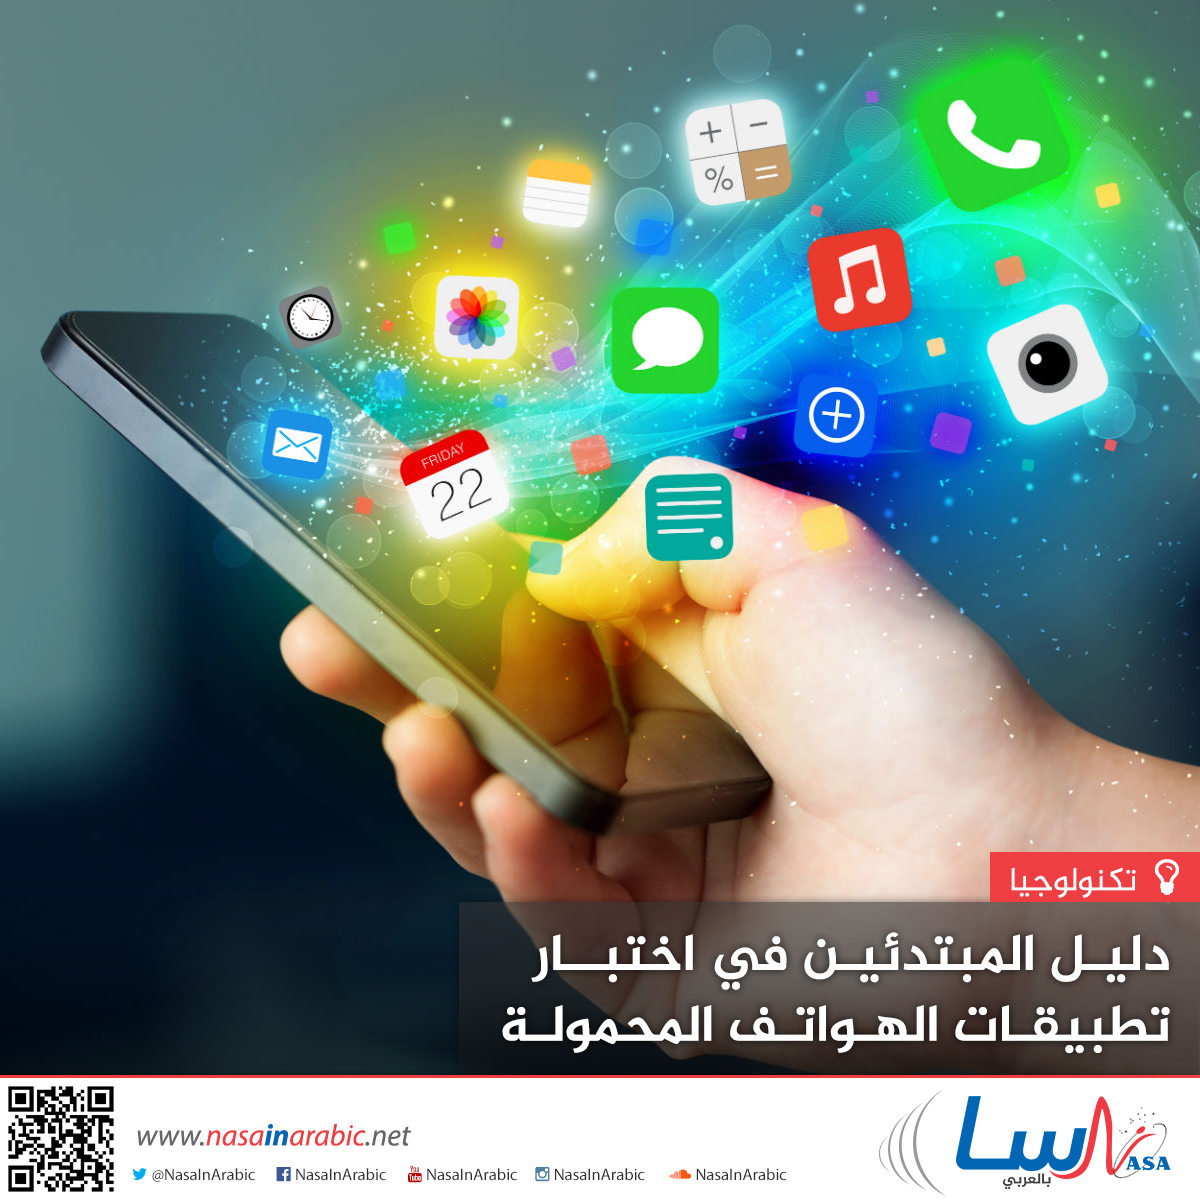 دليل المبتدئين في اختبار تطبيقات الهواتف المحمولة الجزء الأول